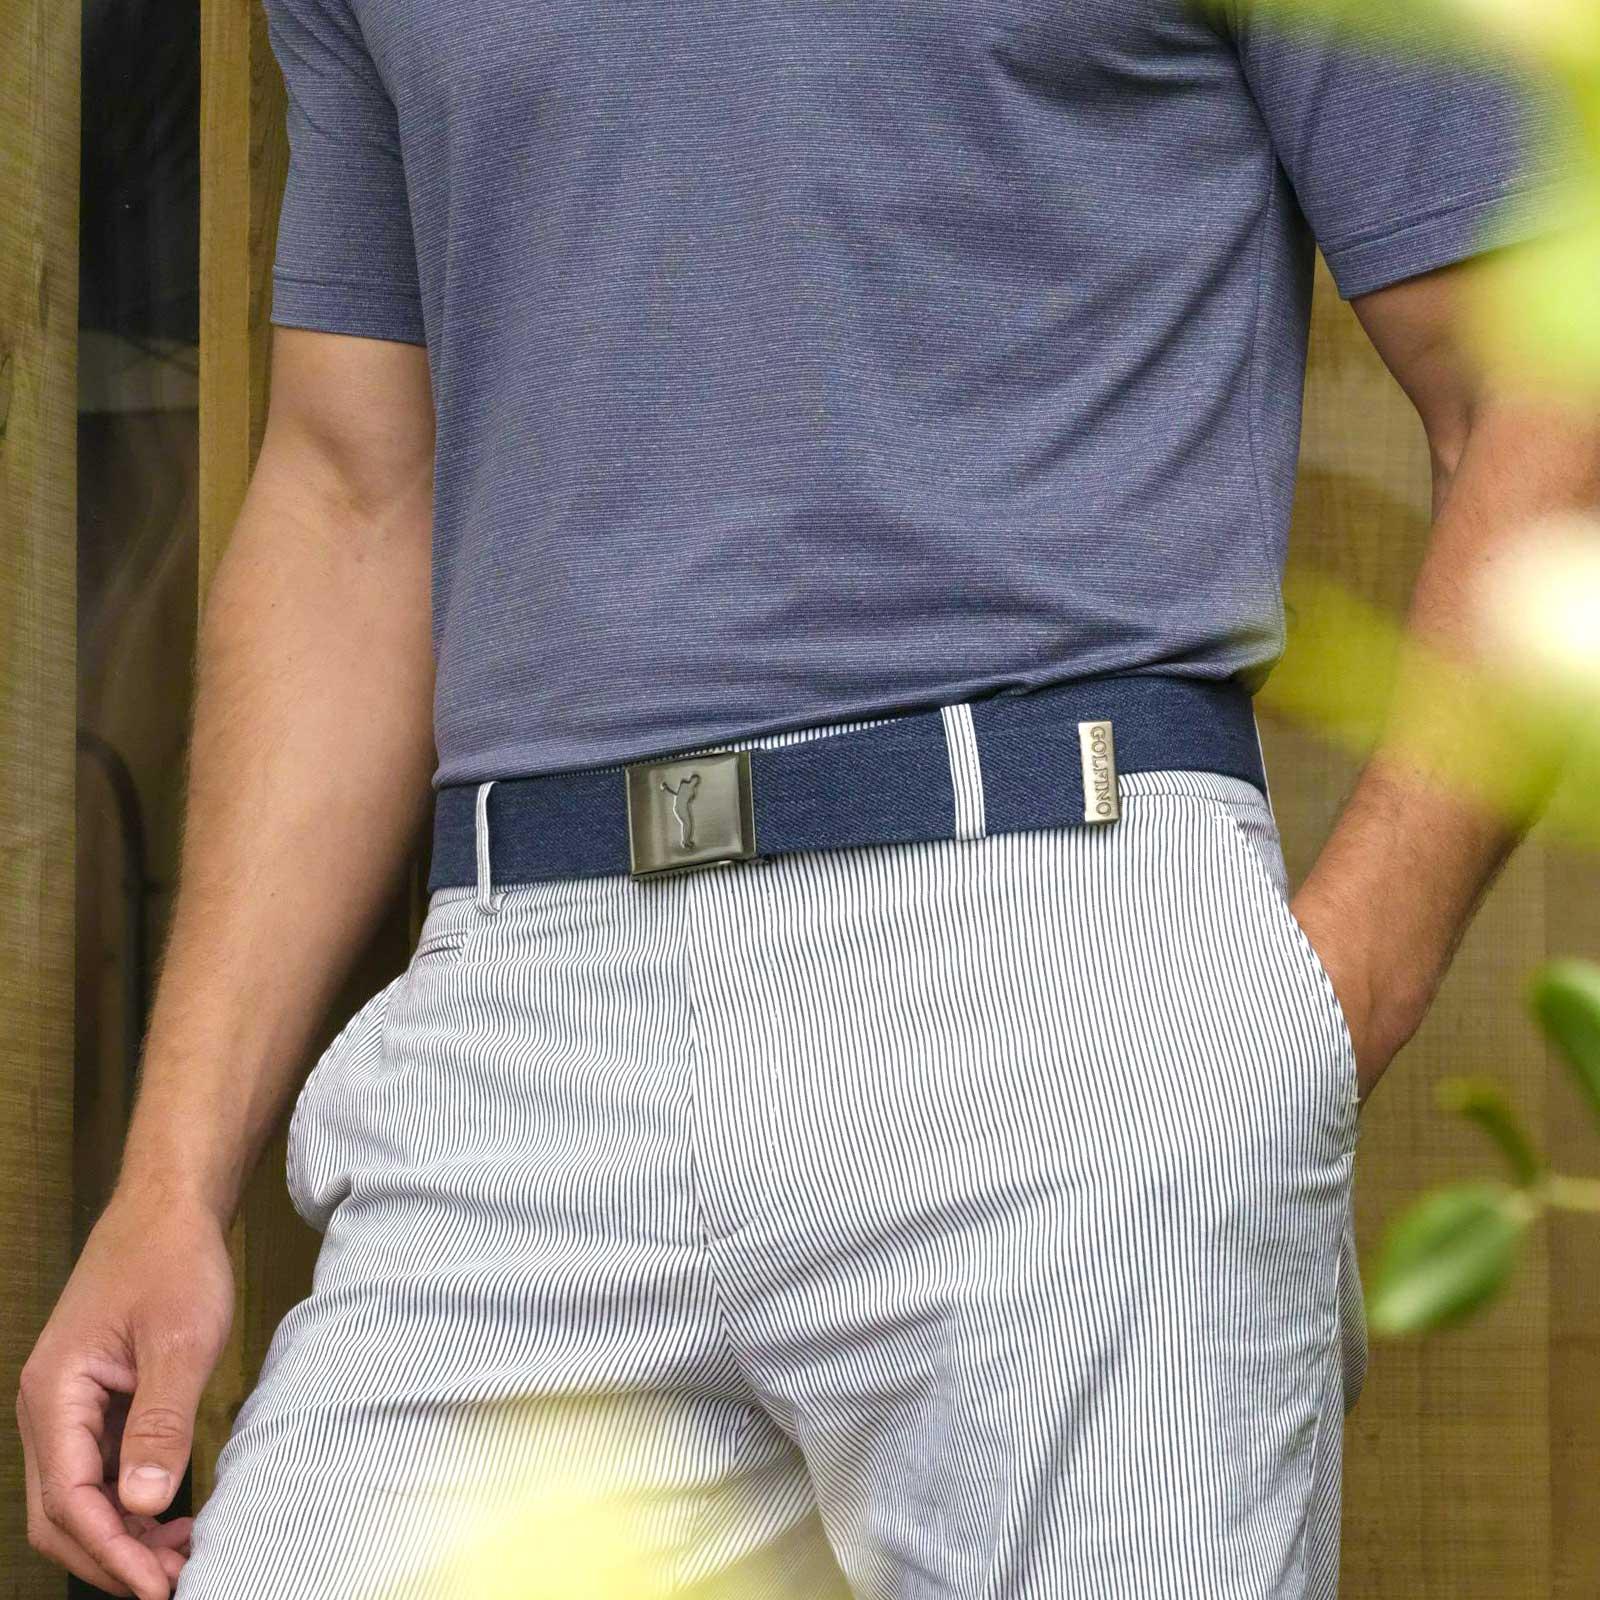 Herren Golfgürtel im Denim-Look mit nickelfreier Klemm-Schnalle